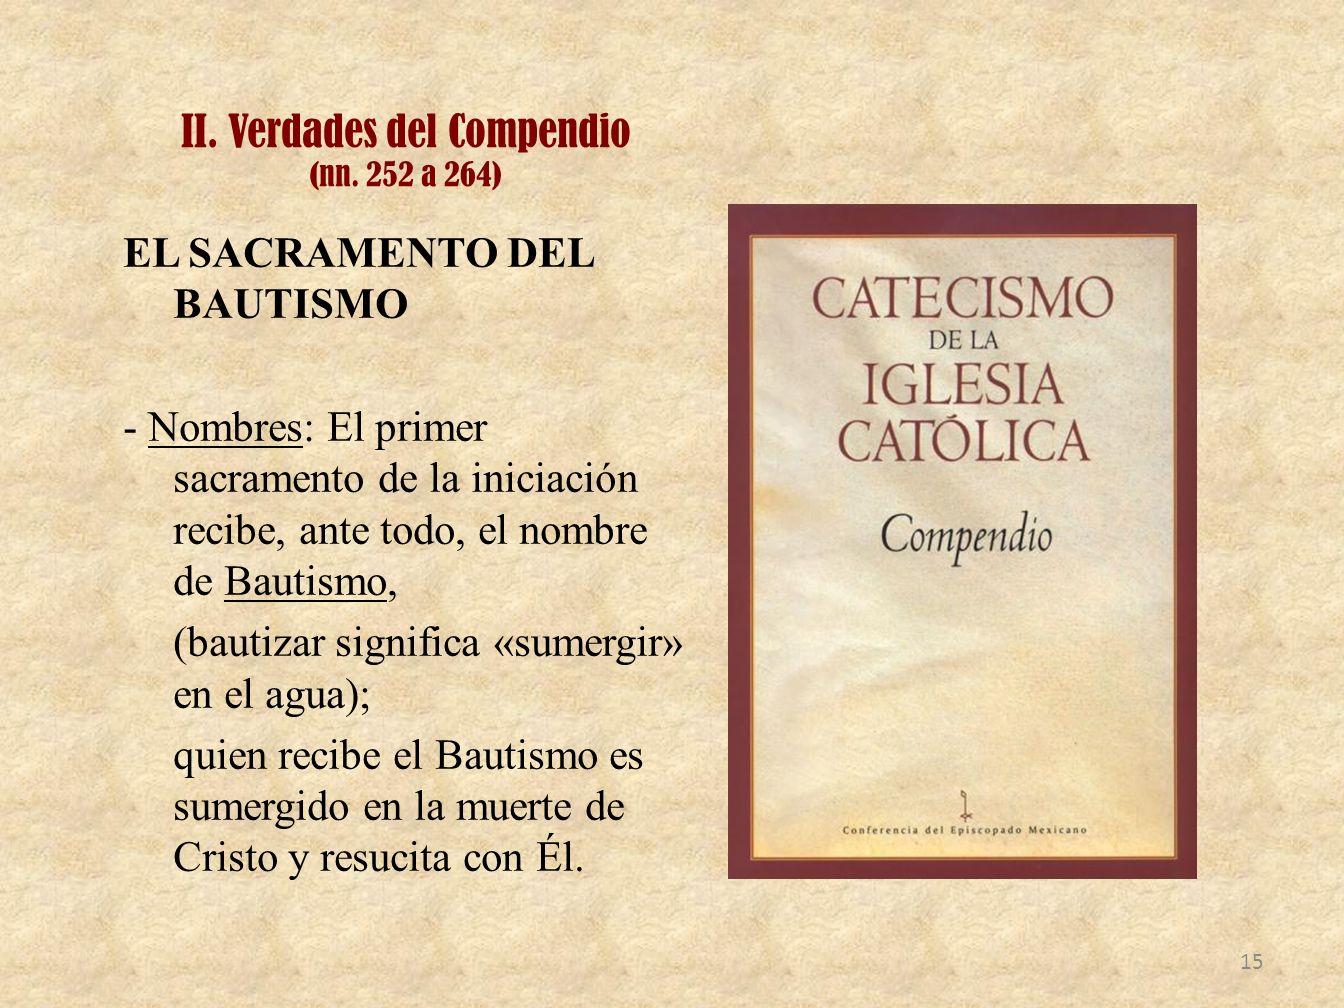 II. Verdades del Compendio (nn. 252 a 264) EL SACRAMENTO DEL BAUTISMO - Nombres: El primer sacramento de la iniciación recibe, ante todo, el nombre de